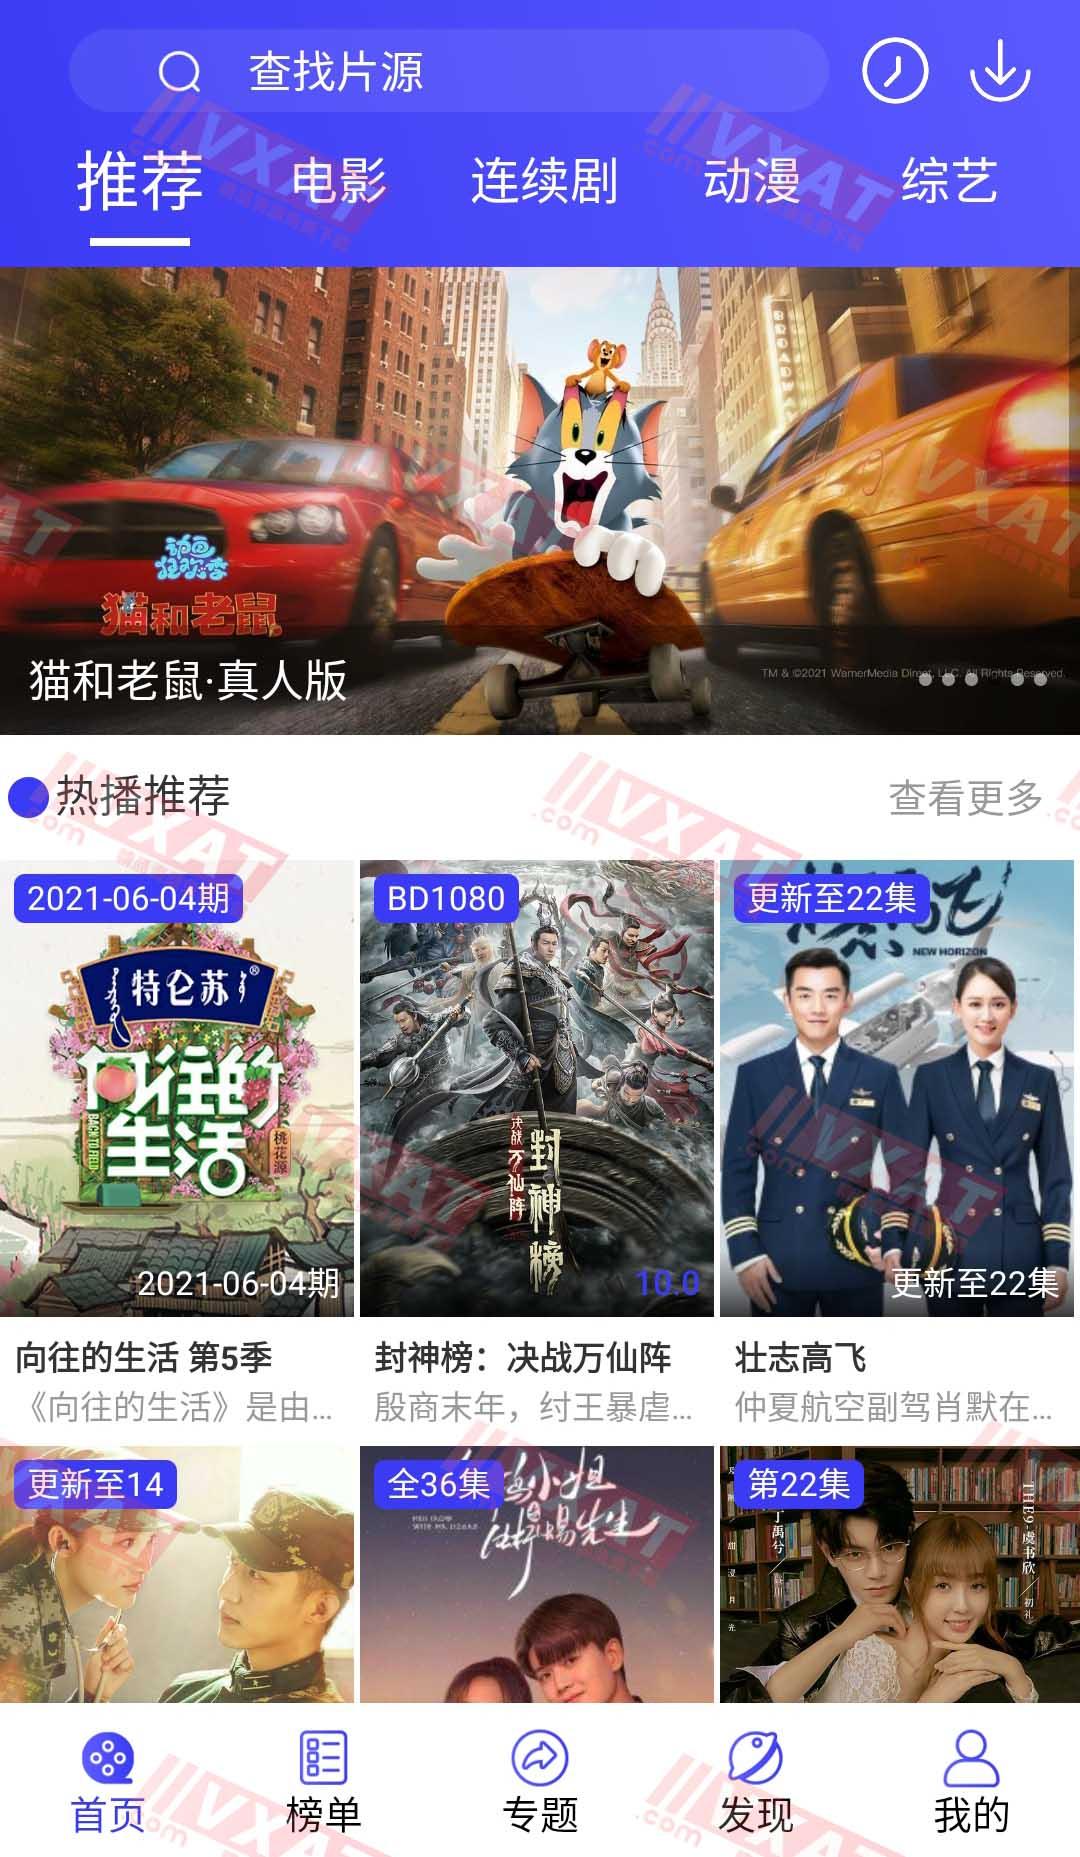 蓝鲸视界 v4.2.4 去广告破播放次数版 第1张